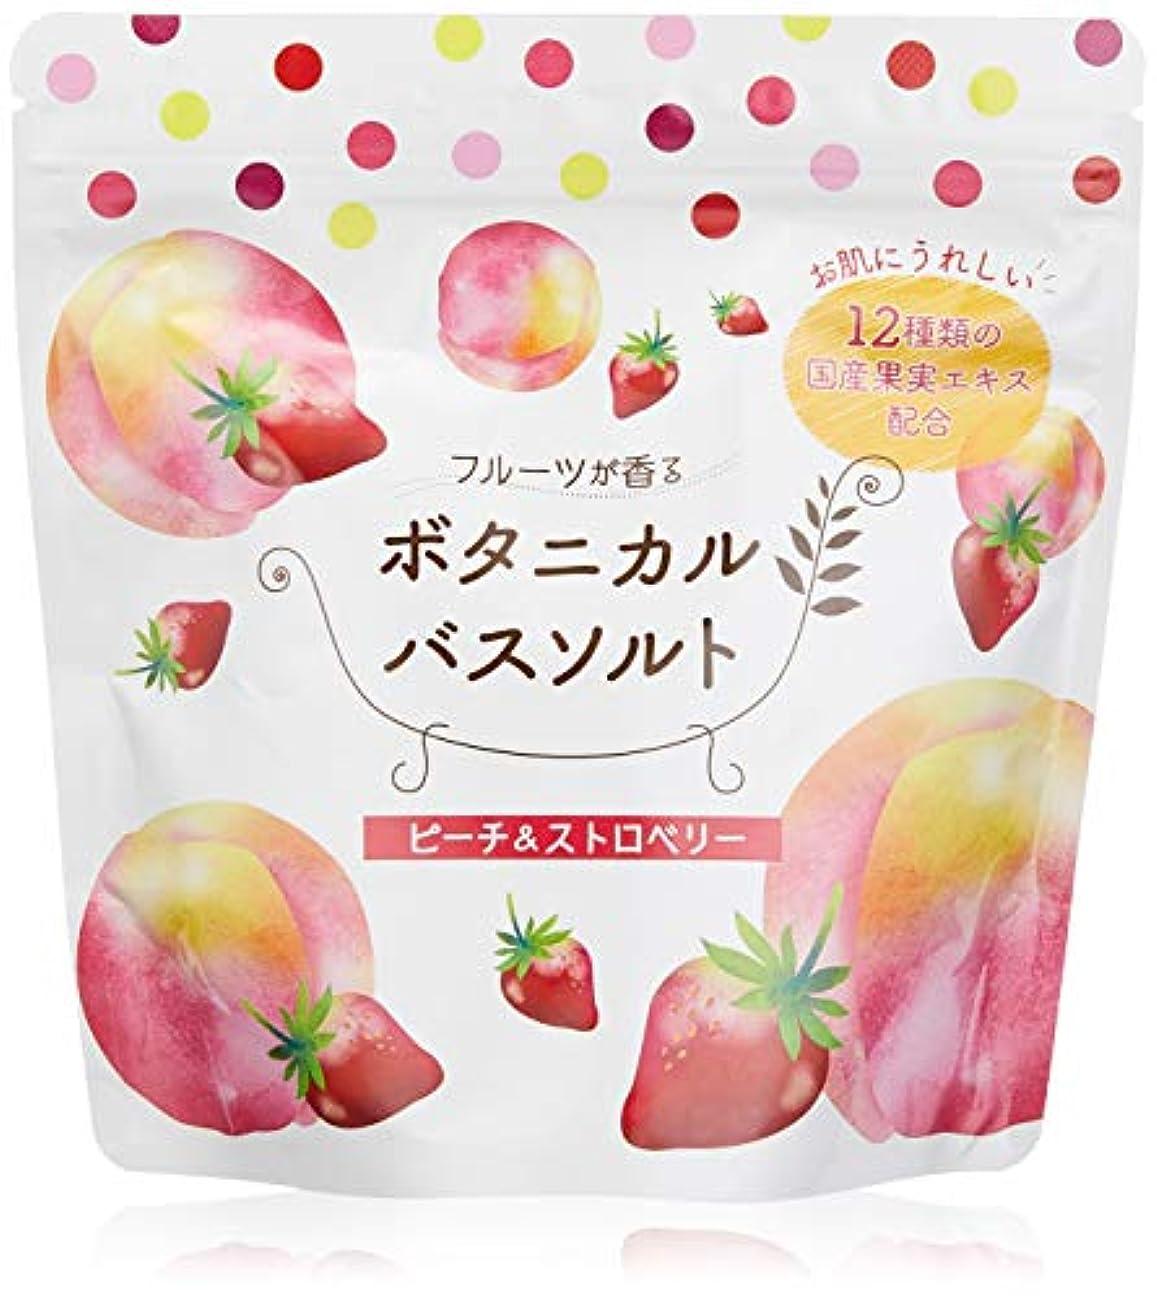 灌漑項目アウトドア松田医薬品 フルーツが香るボタニカルバスソルト 入浴剤 ピーチ ストロベリー 450g